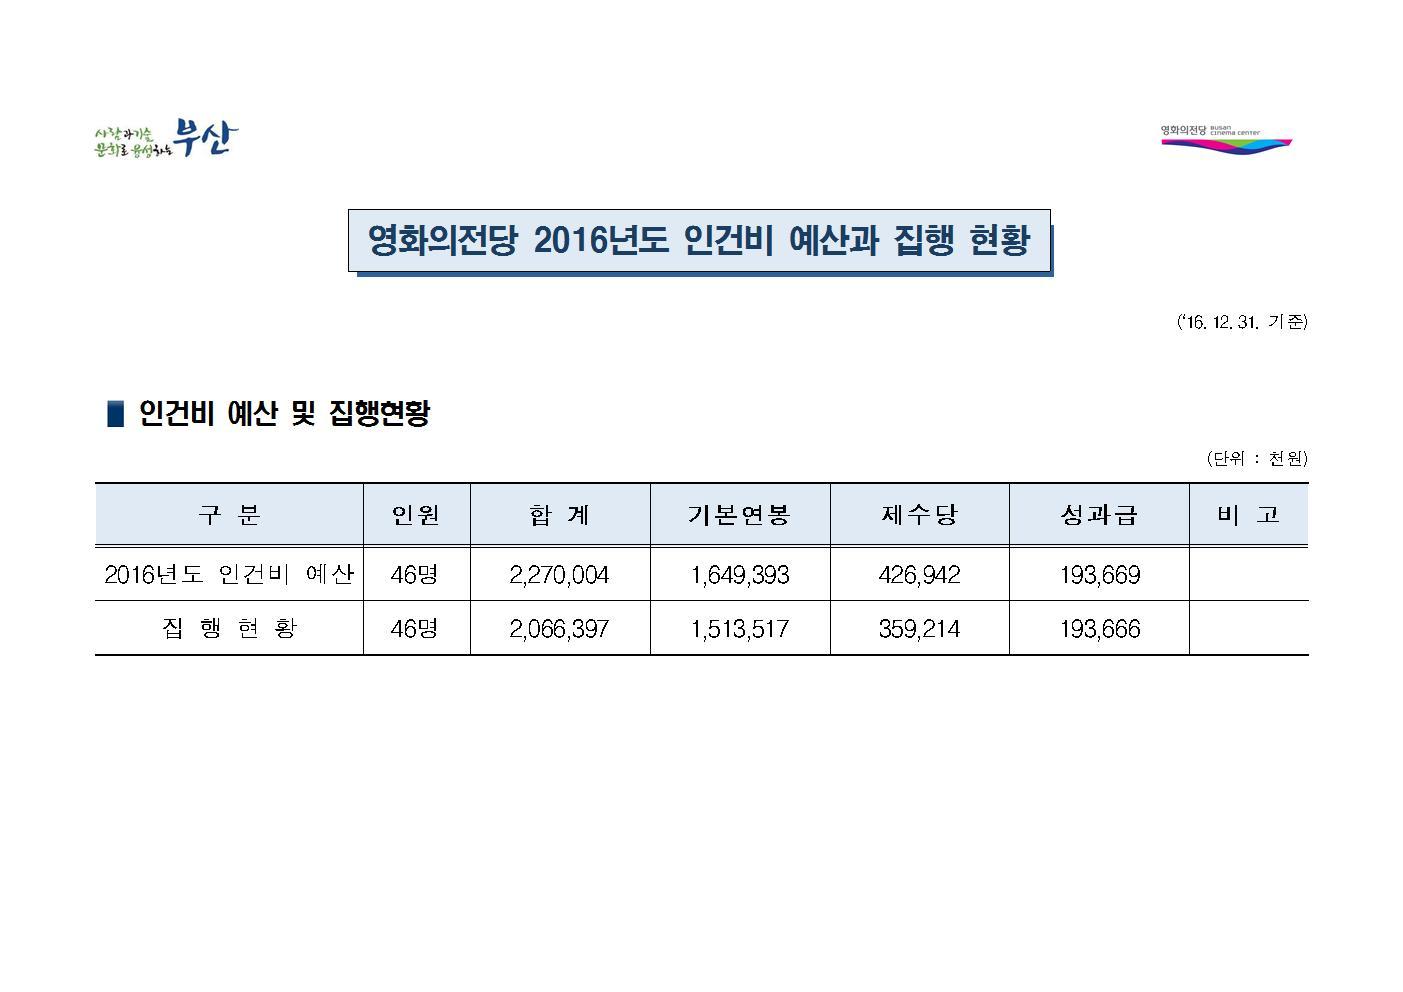 2016년 인건비 예산과 집행 현황